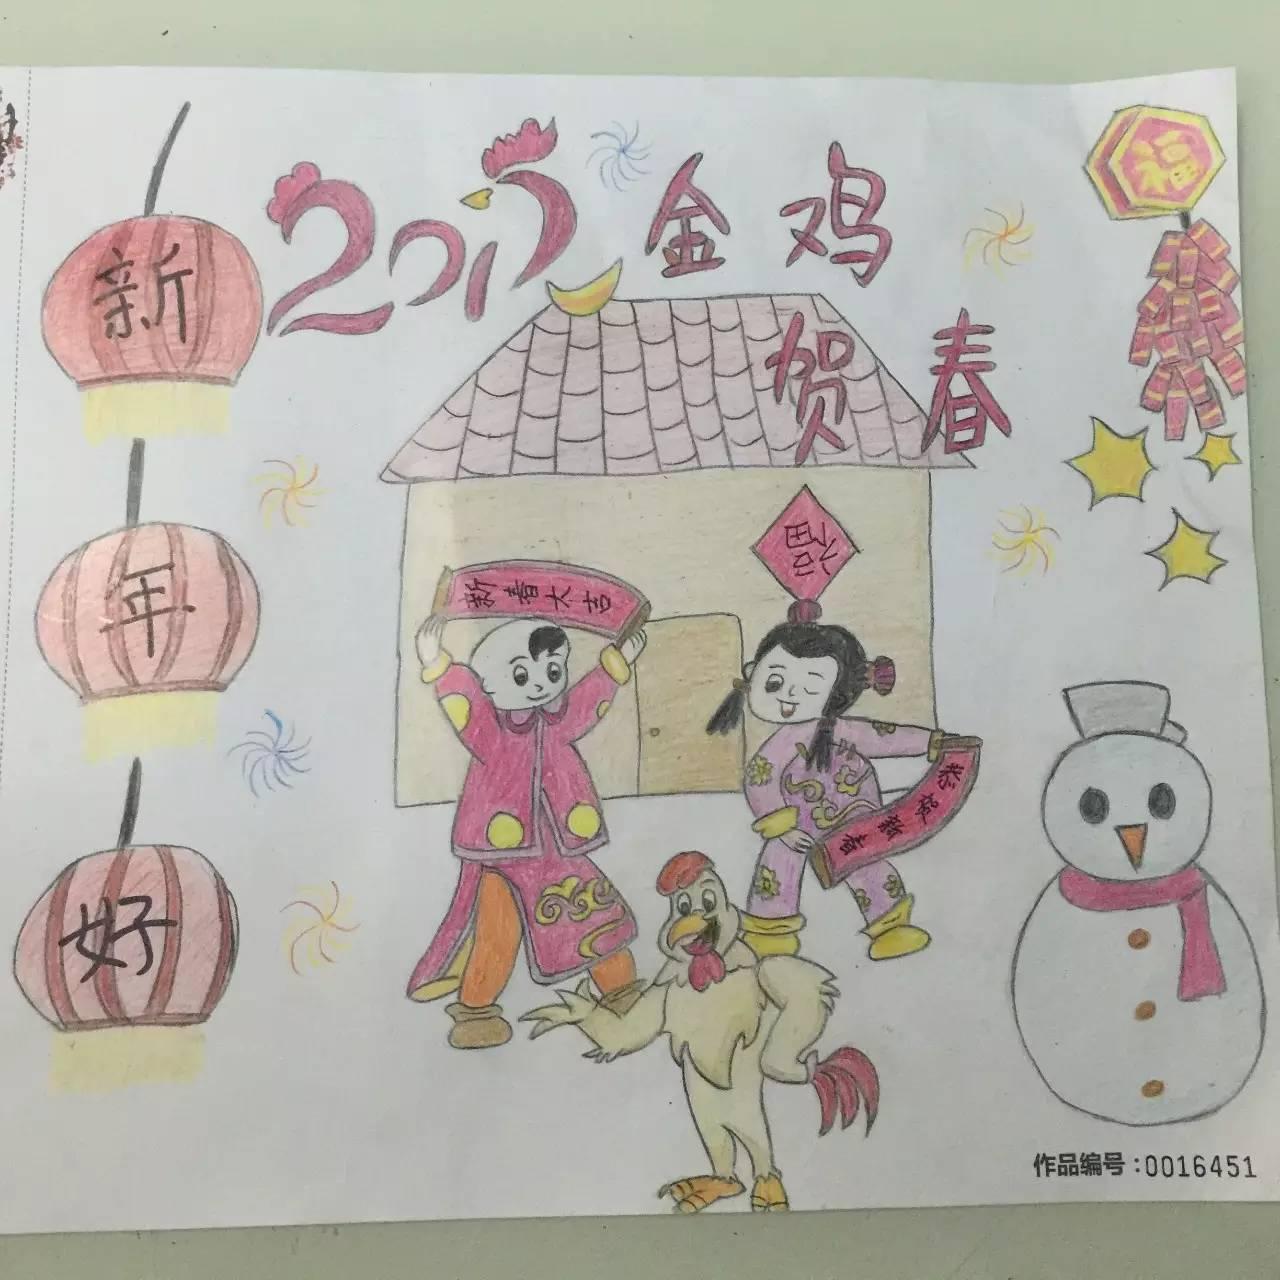 """年味,就是简单的幸福""""新春大吉"""".图片"""